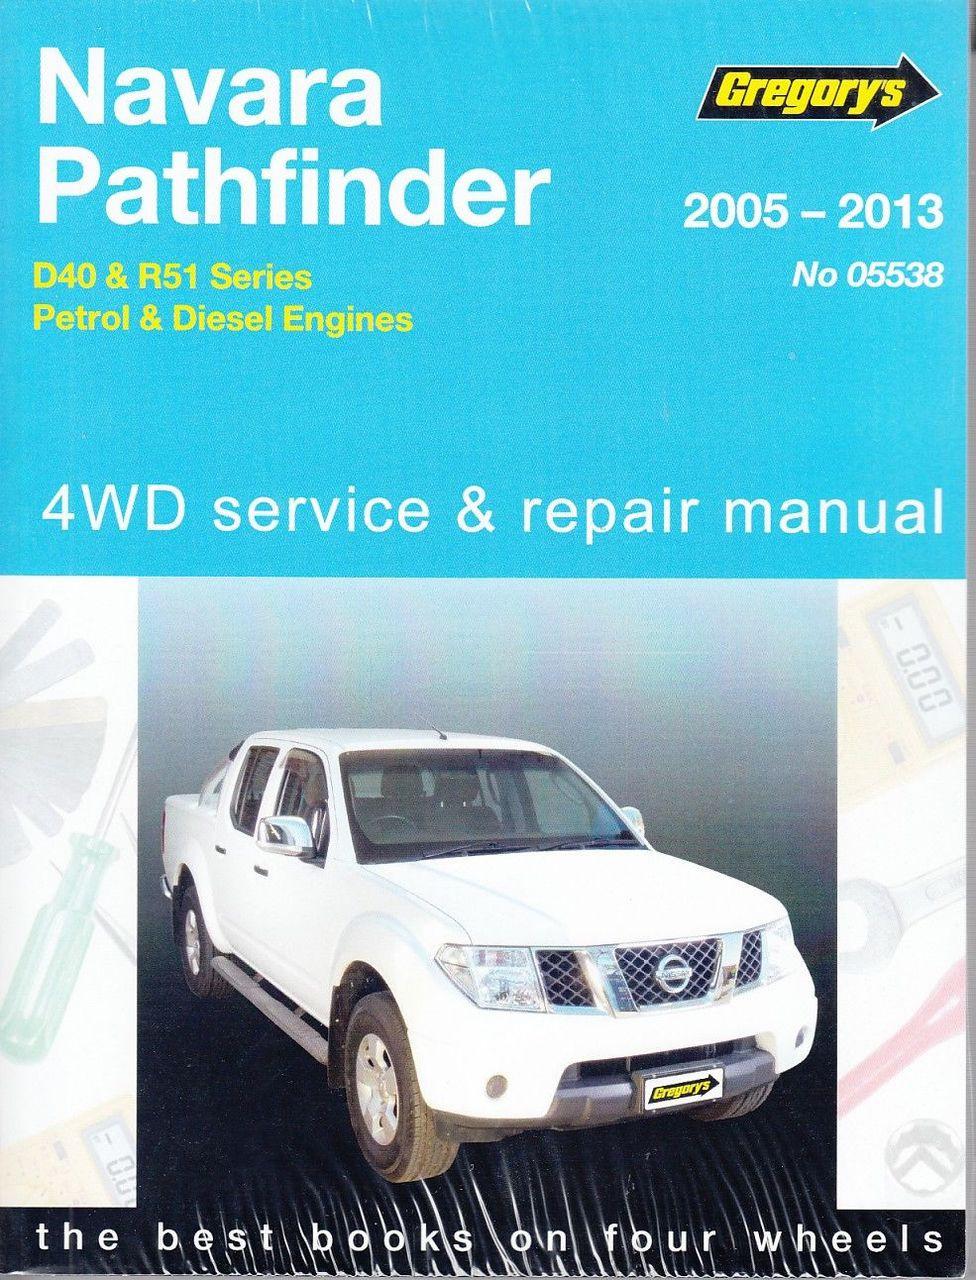 nissan navara d40 workshop manual rh nissan navara d40 workshop manual mollysmenu us Nissan Navara D40 Engine Nissan Navara D40 Rear